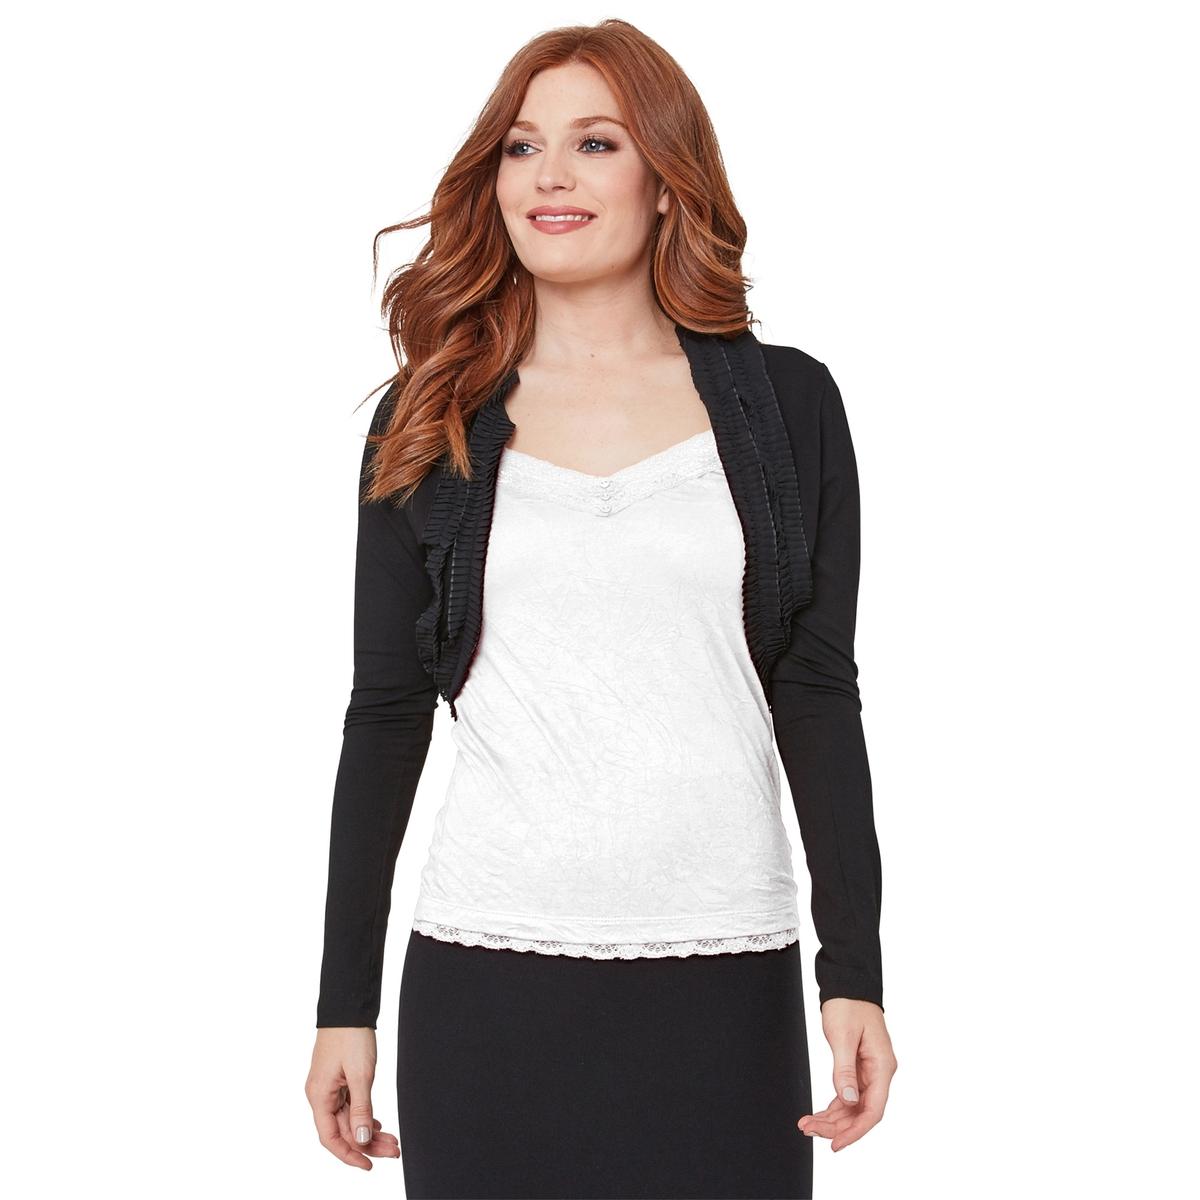 Кардиган La Redoute Короткий со складками и длинными рукавами L черный классическое платье с длинными рукавами и складками на юбке liu jo